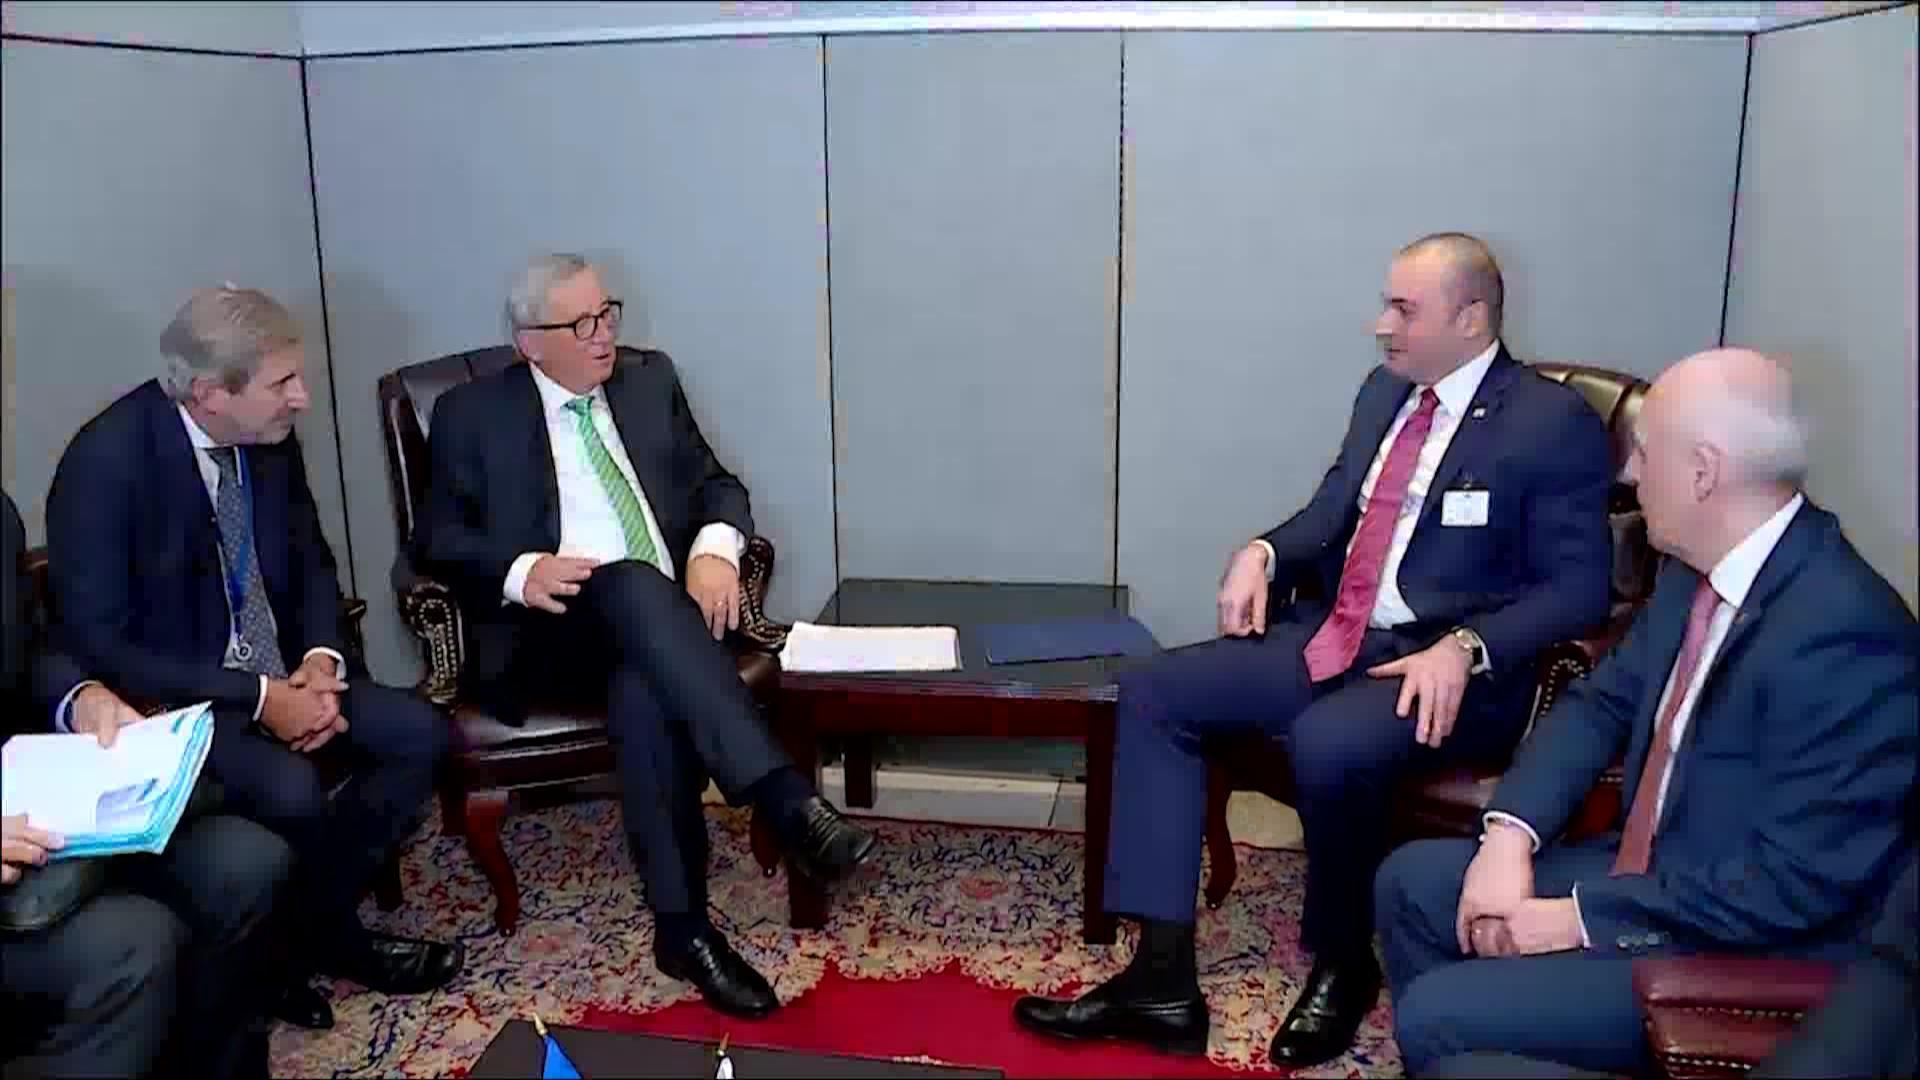 ევროკომისია საქართველოში ვიზალიბერალიზაციის პროცესს პოზიტიურად აფასებს